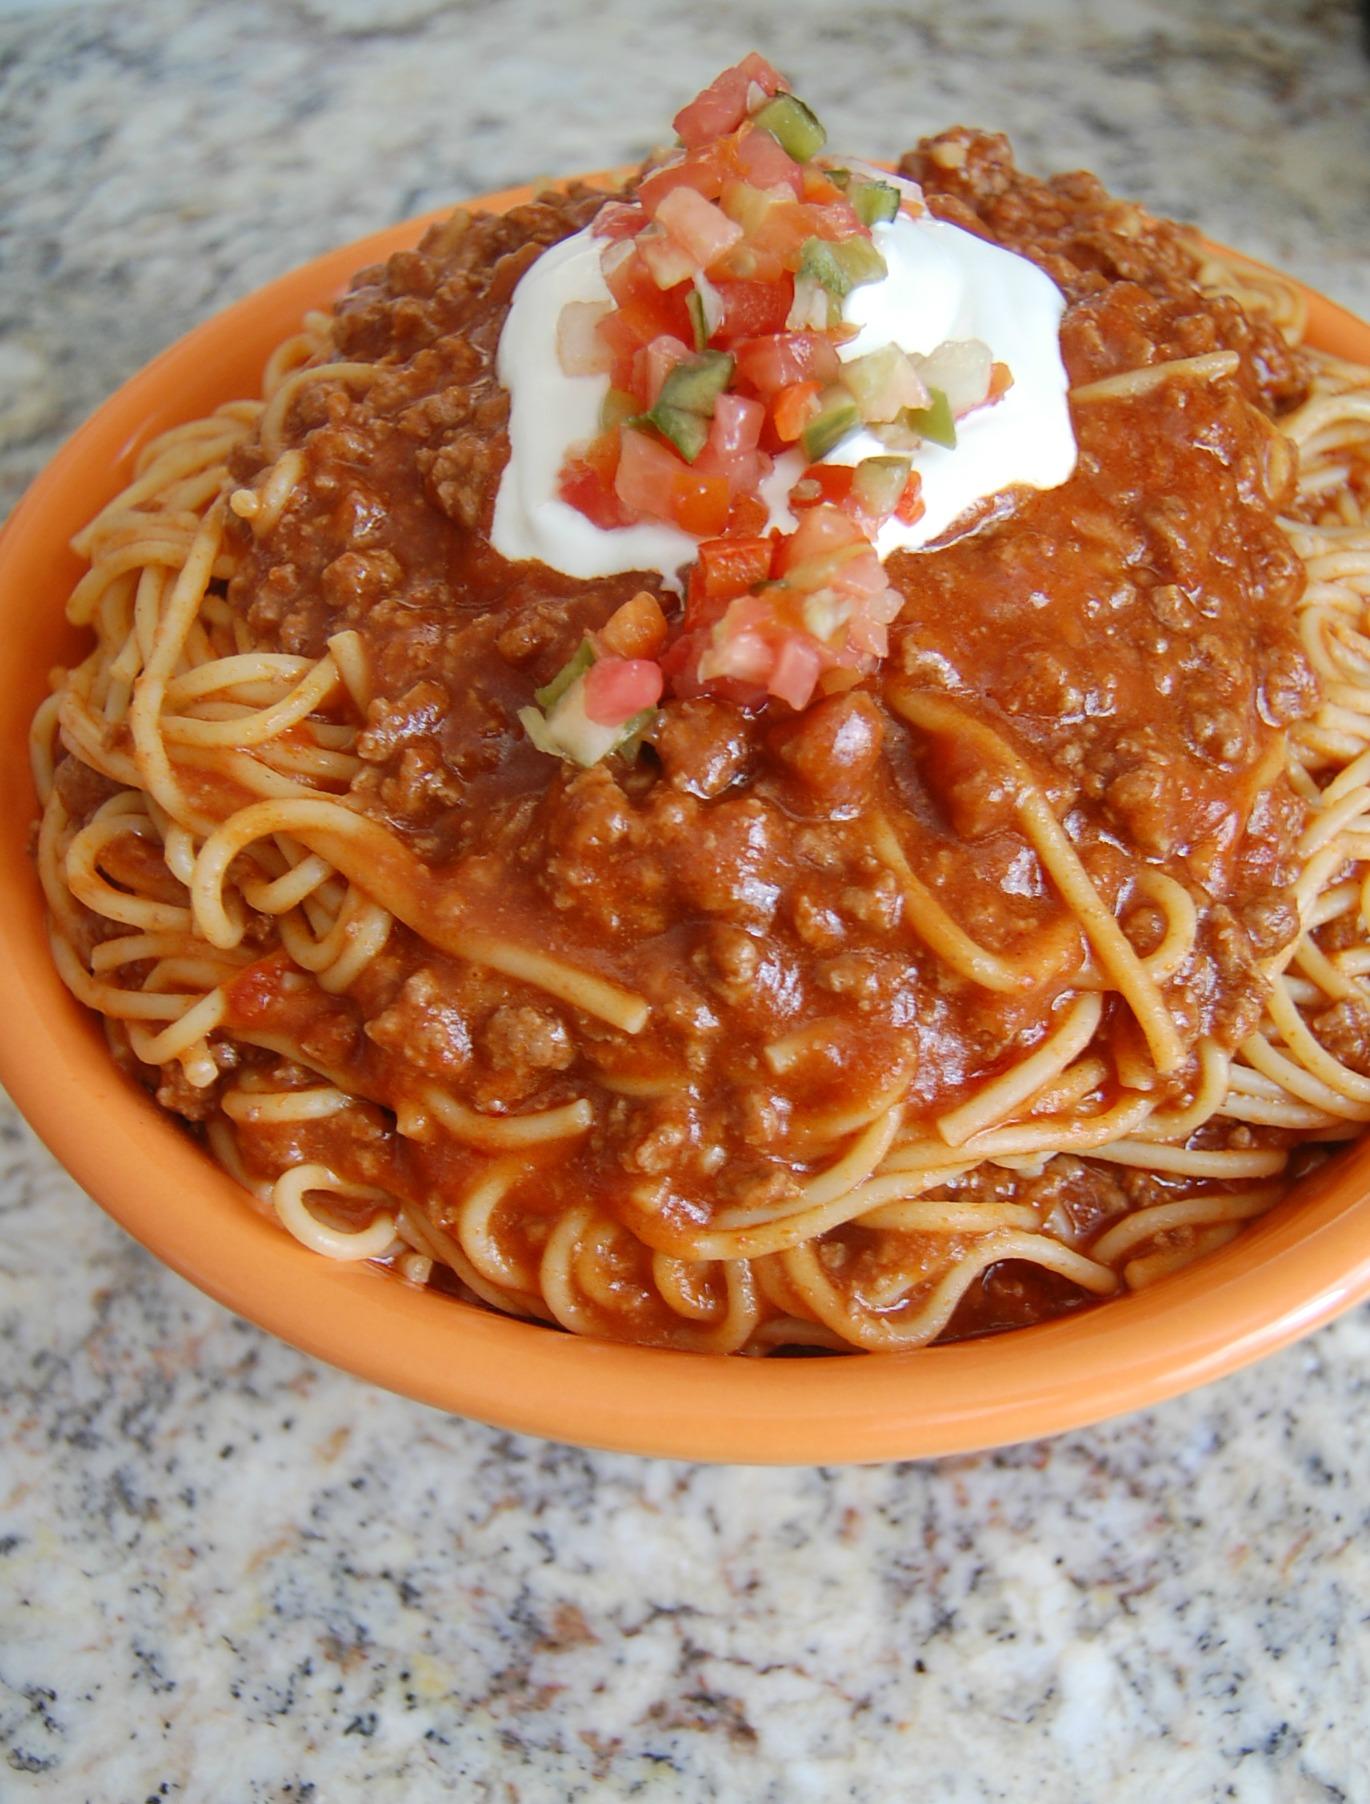 Favorite Spaghetti and Meatballs Recipe